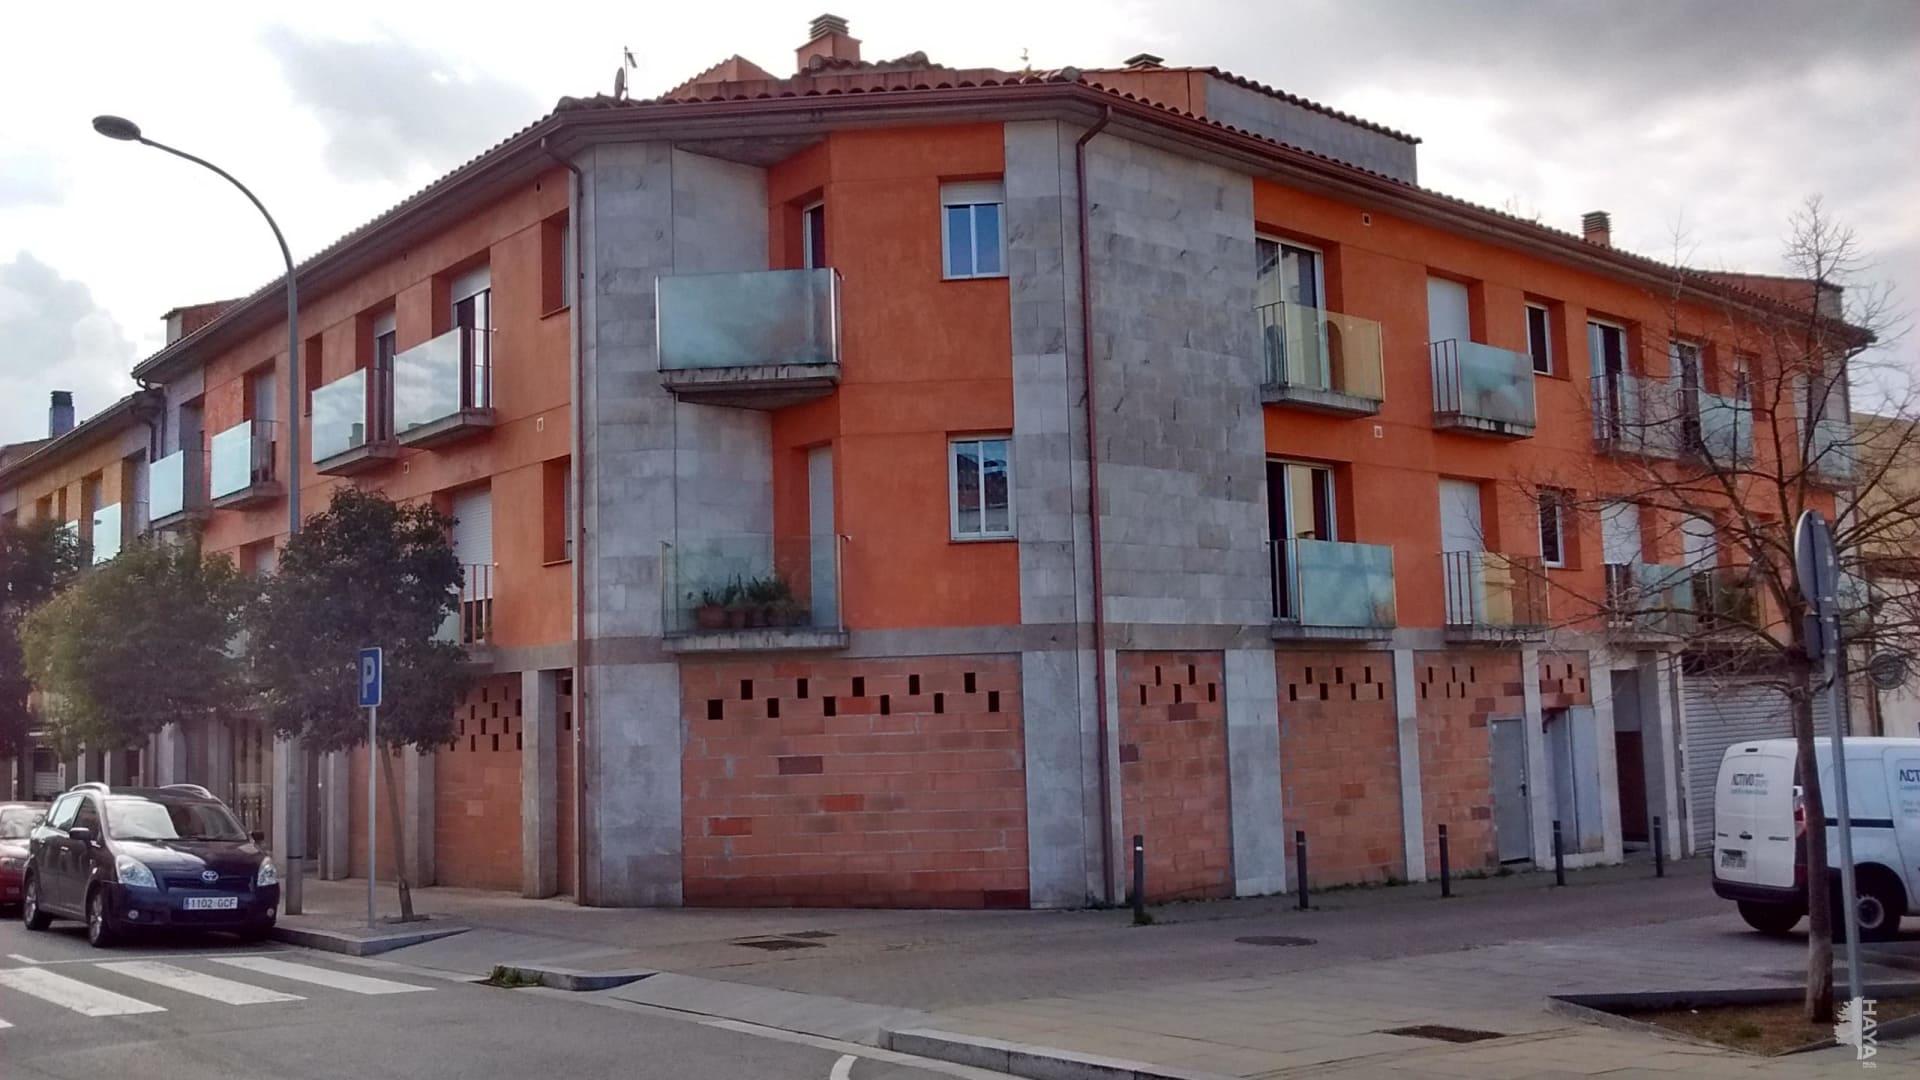 Locale commerciale in Roca del Vallès (La). Local en venta en la roca del vallès (barcelona) catalunya